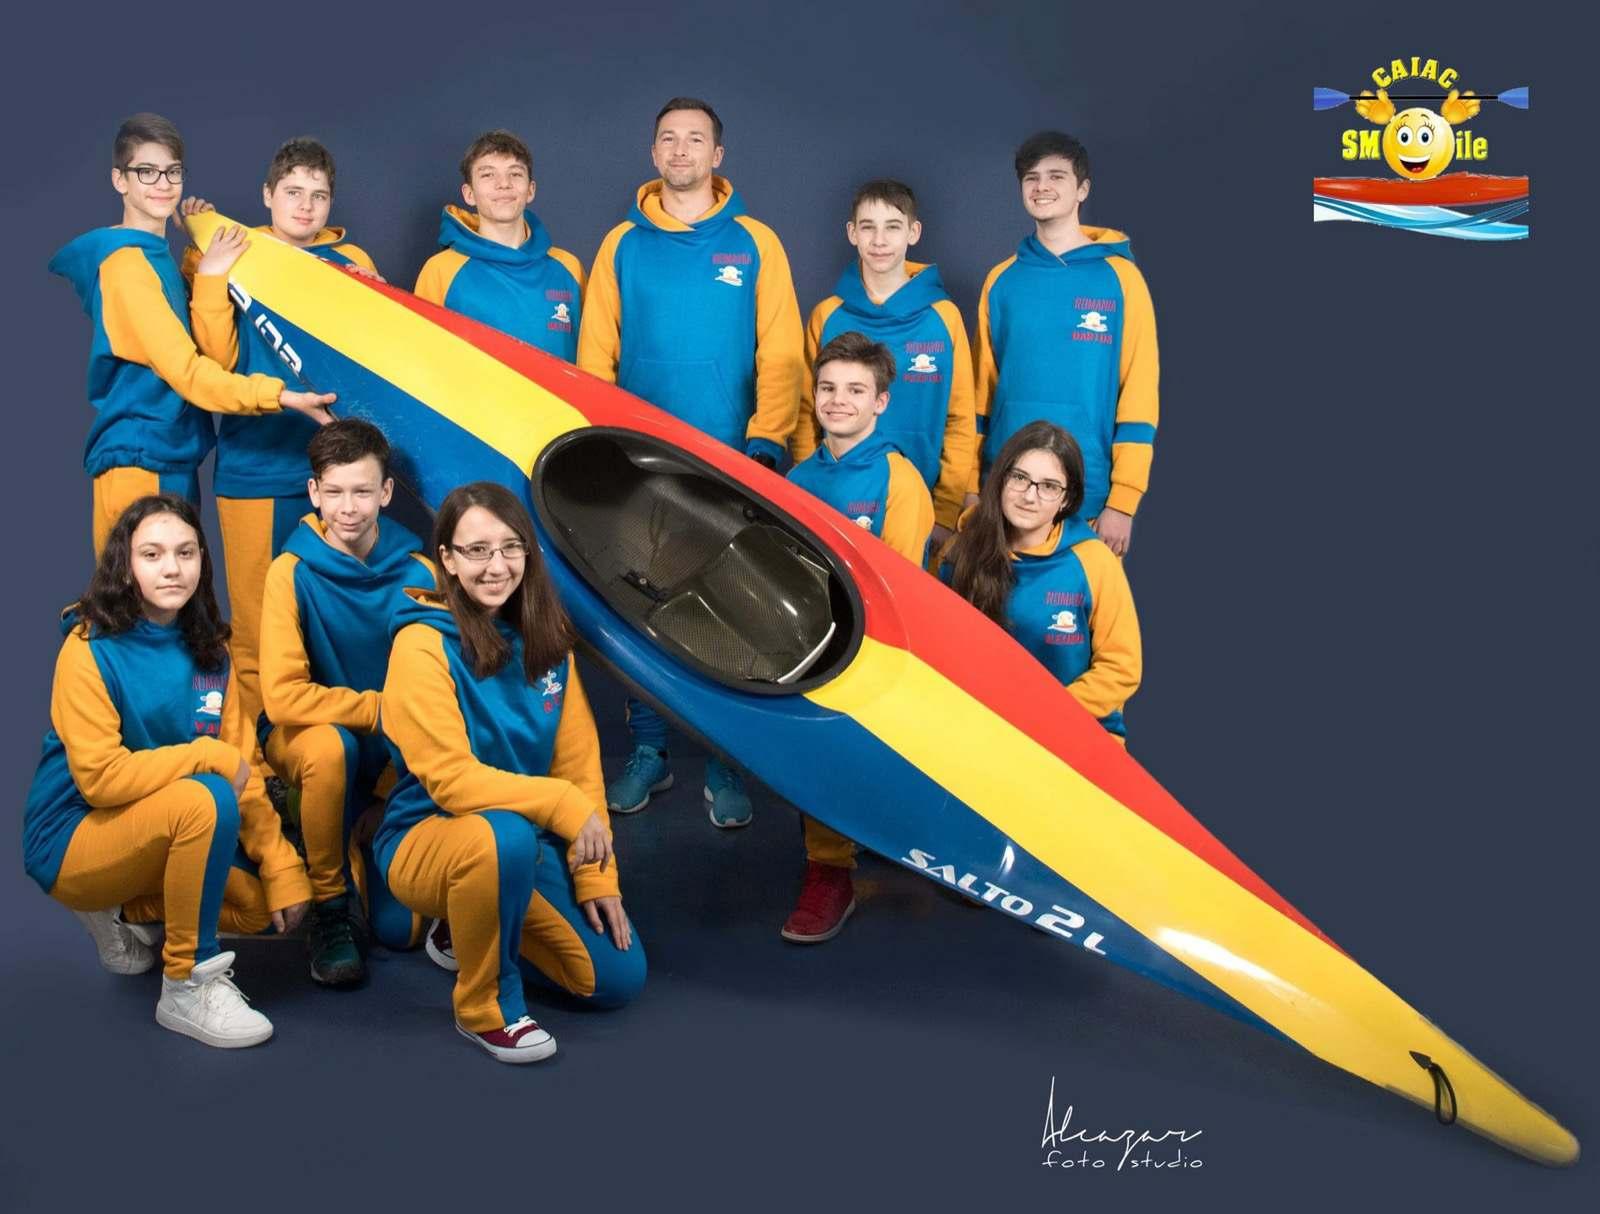 """Prima activitate din cadrul proiectului """"Caiacul, o cultură sportivă inovativă pentru tineret"""""""